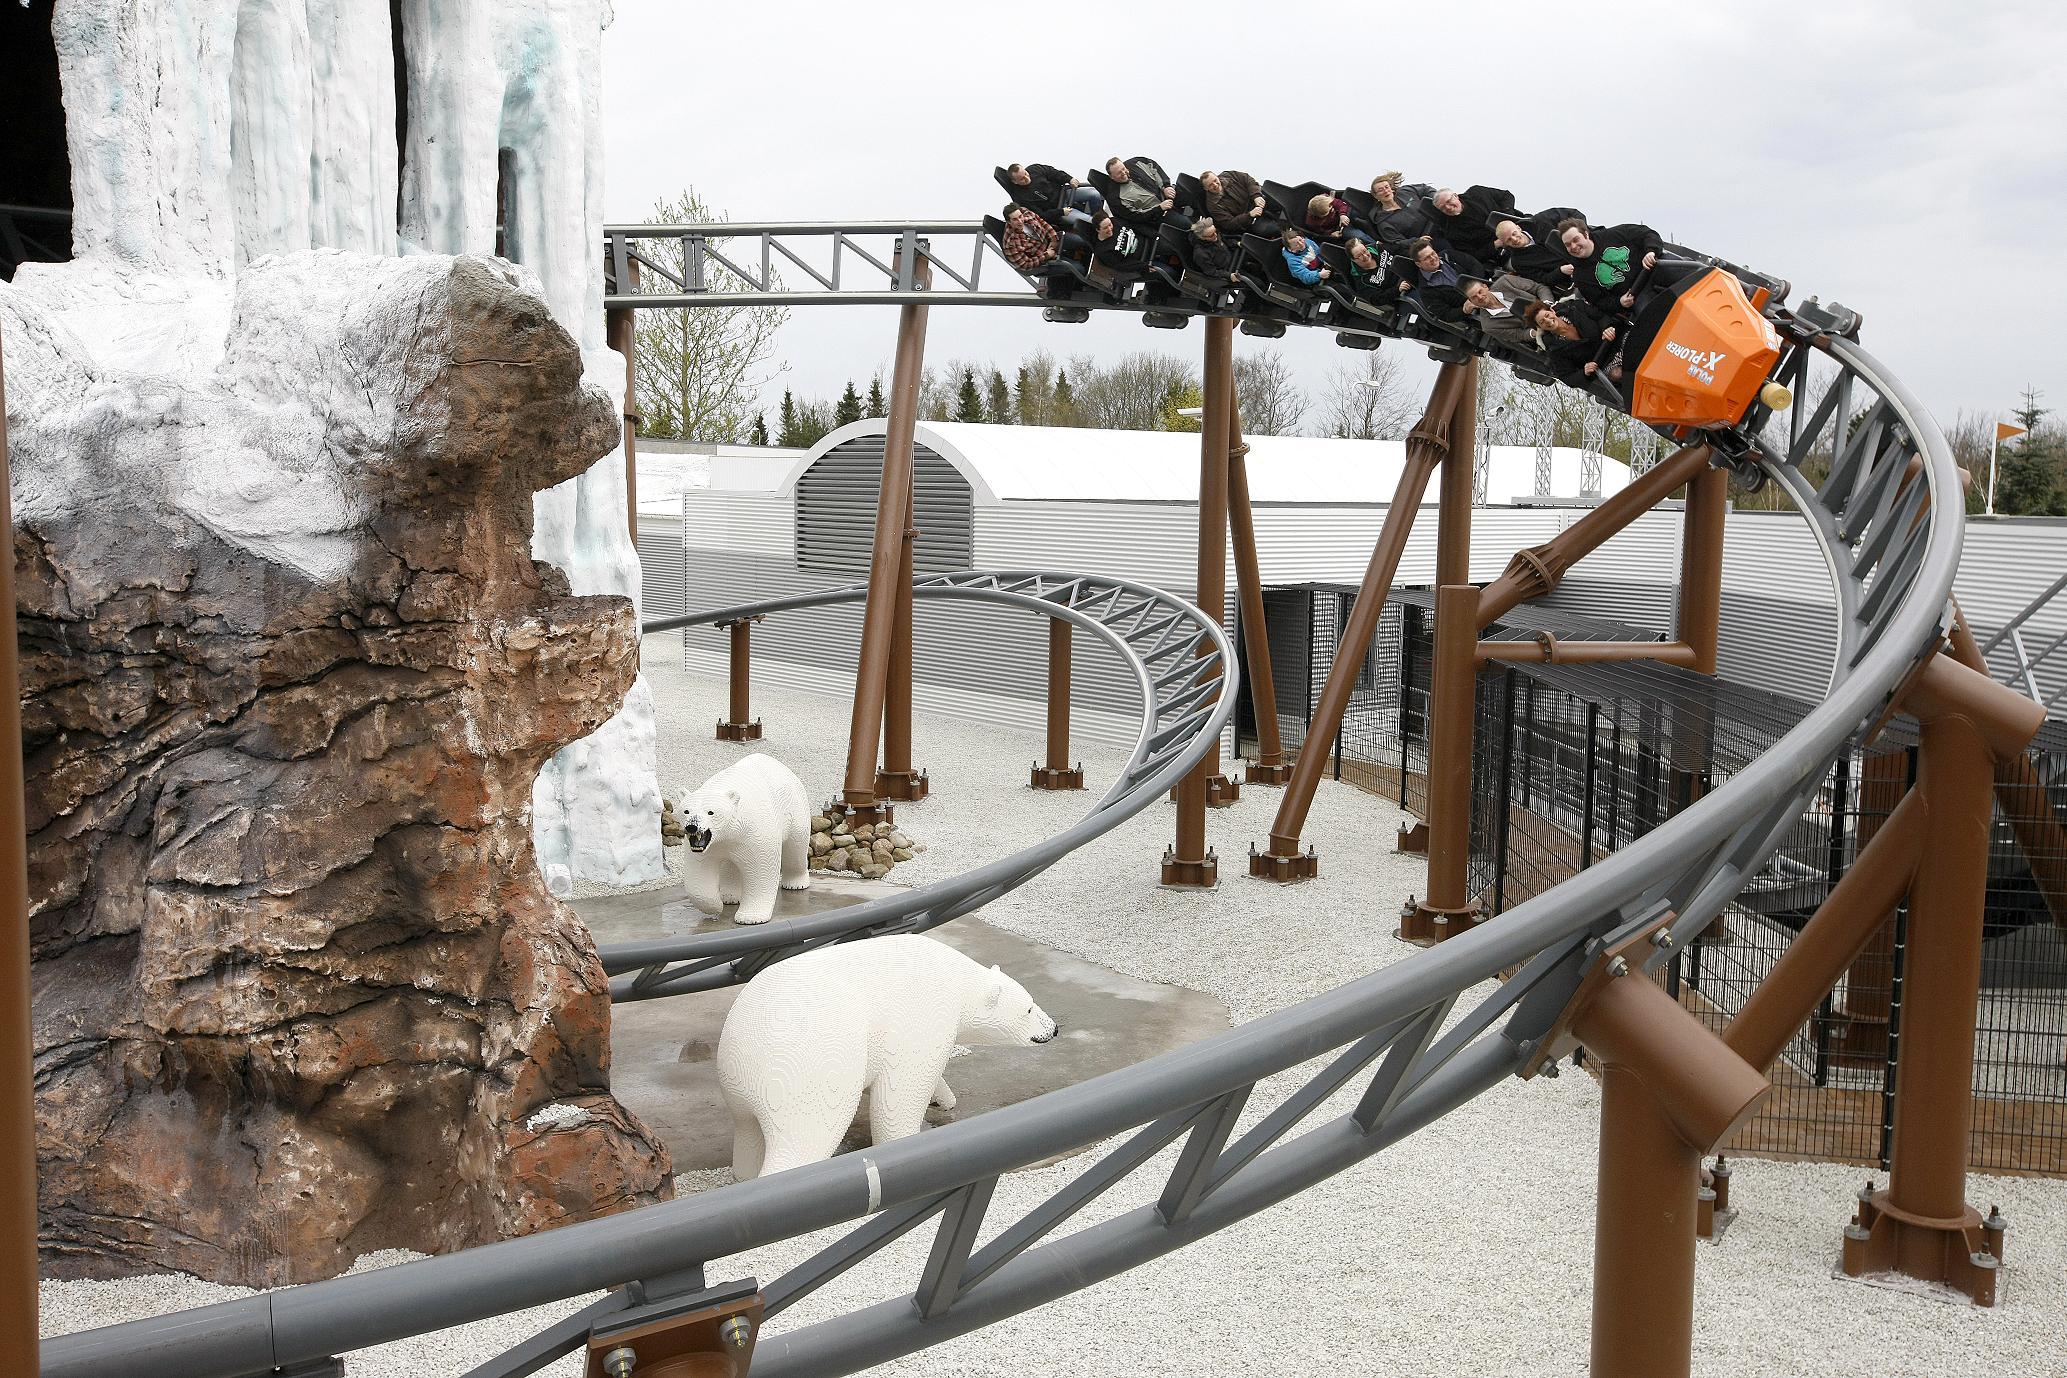 atrakcje dla dzieci kolejka Kraina Polarna